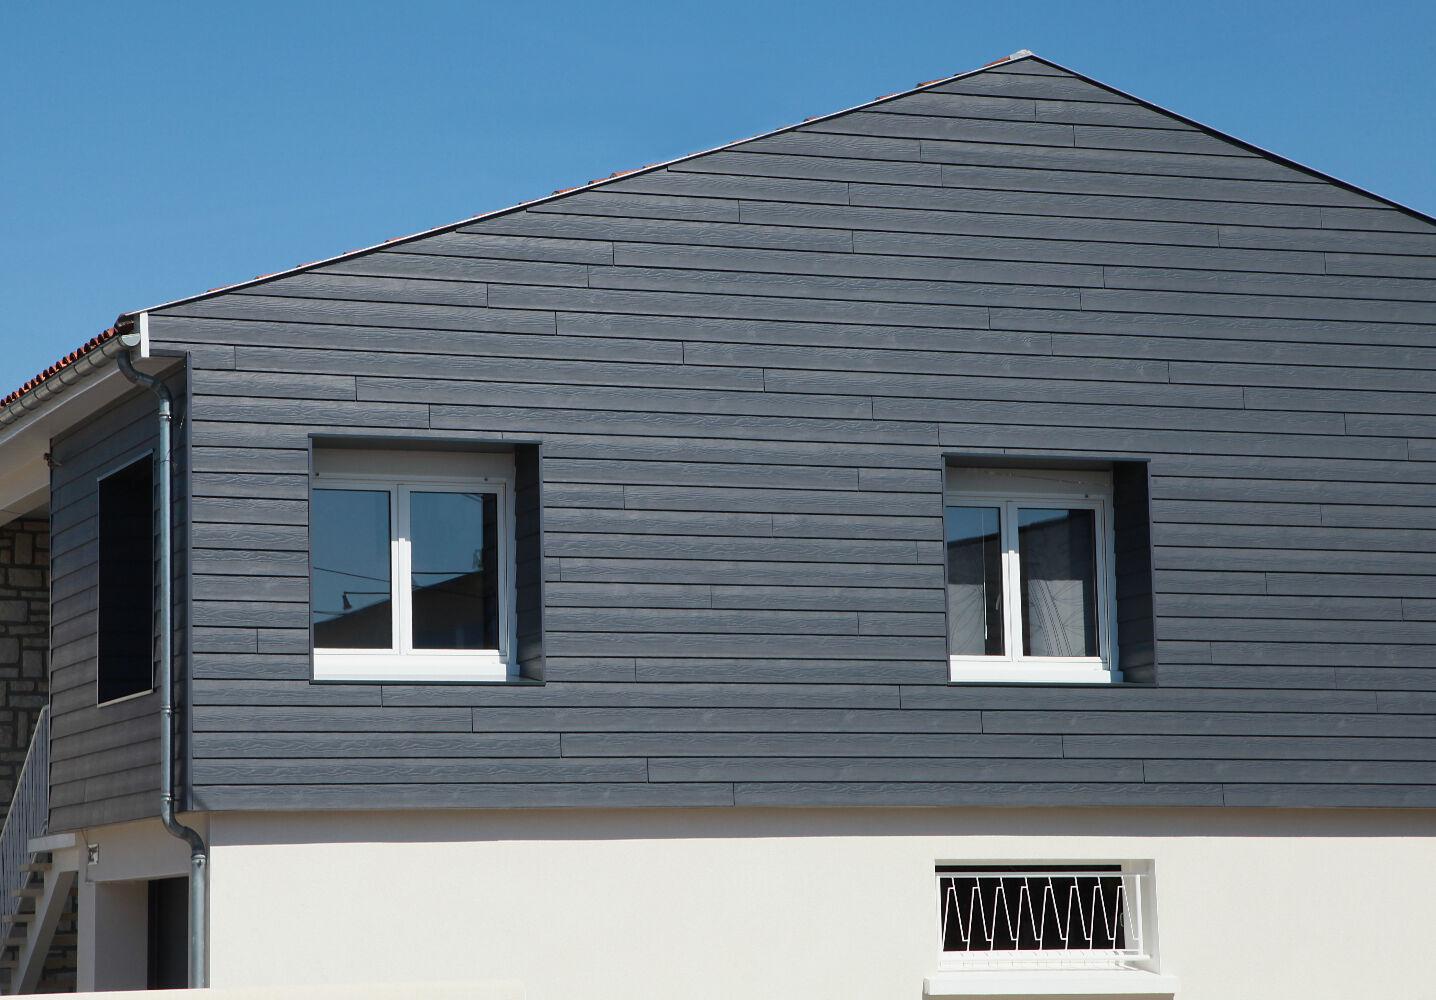 Ravalement de façade : quel revêtement choisir ?